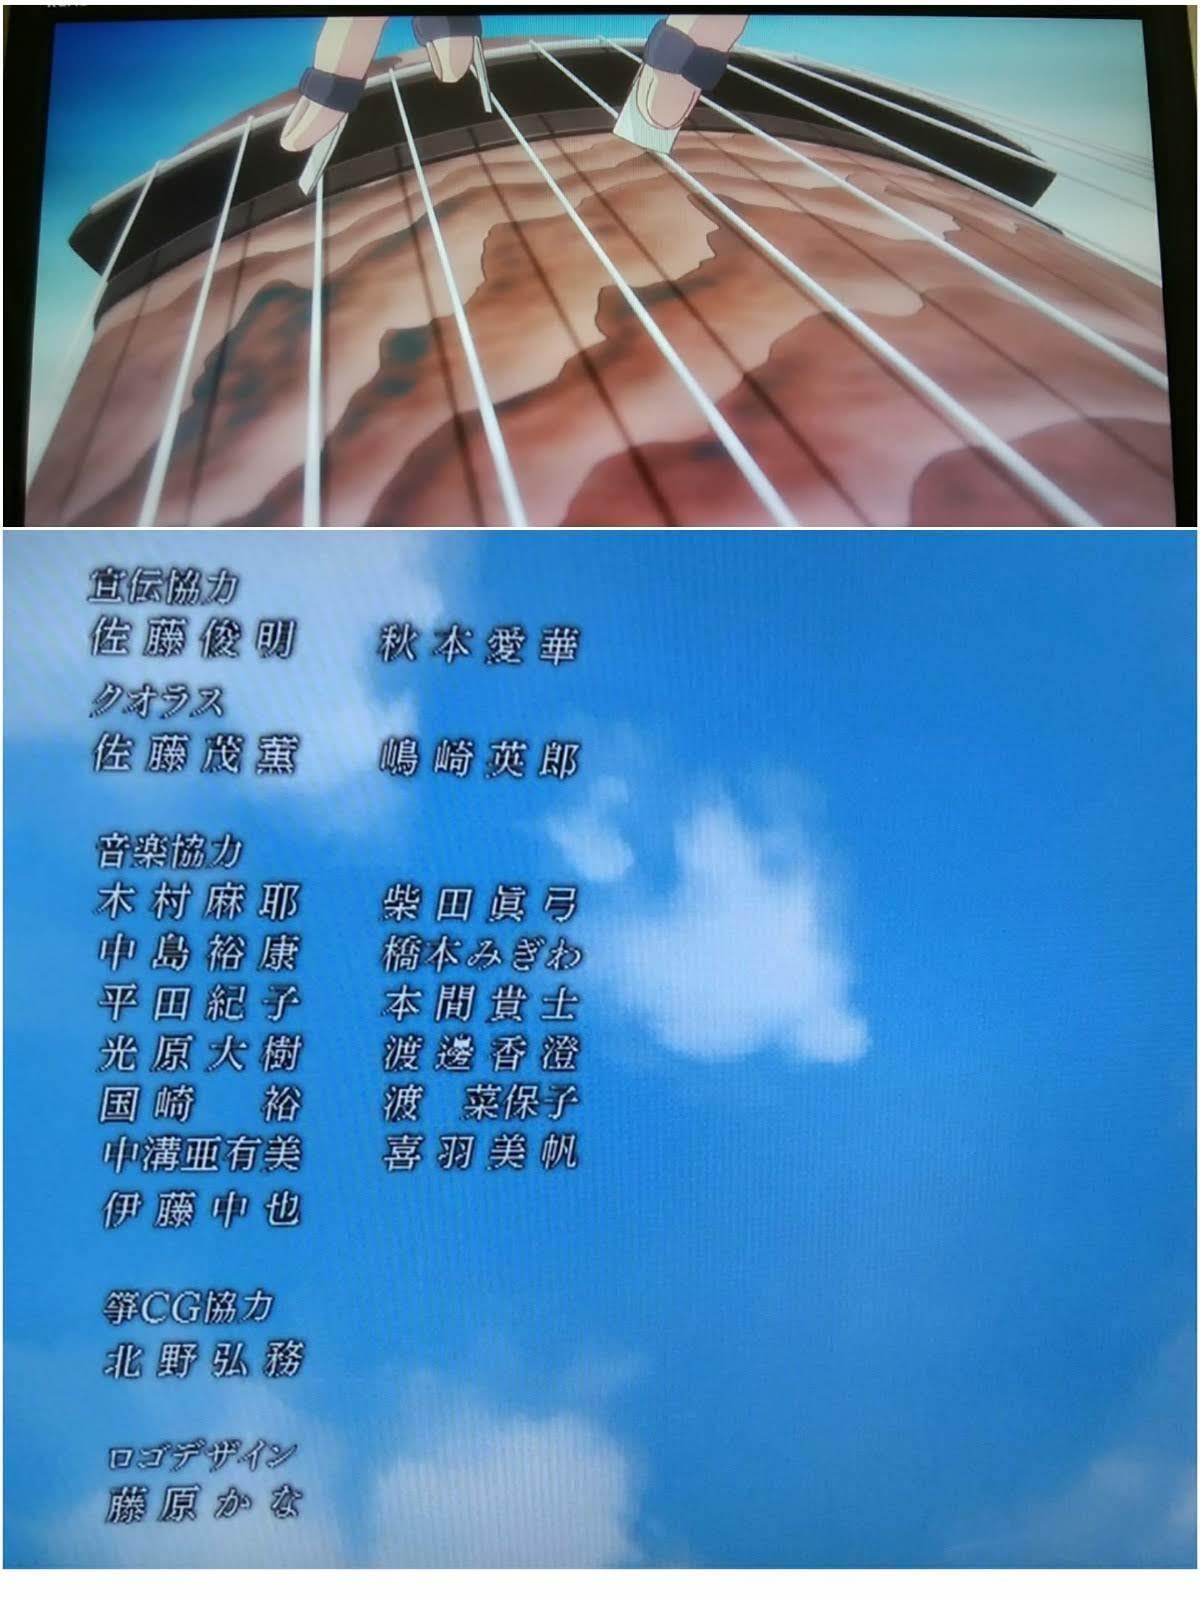 19-04-15-13-23-48-333_deco-1200x1600.jpg